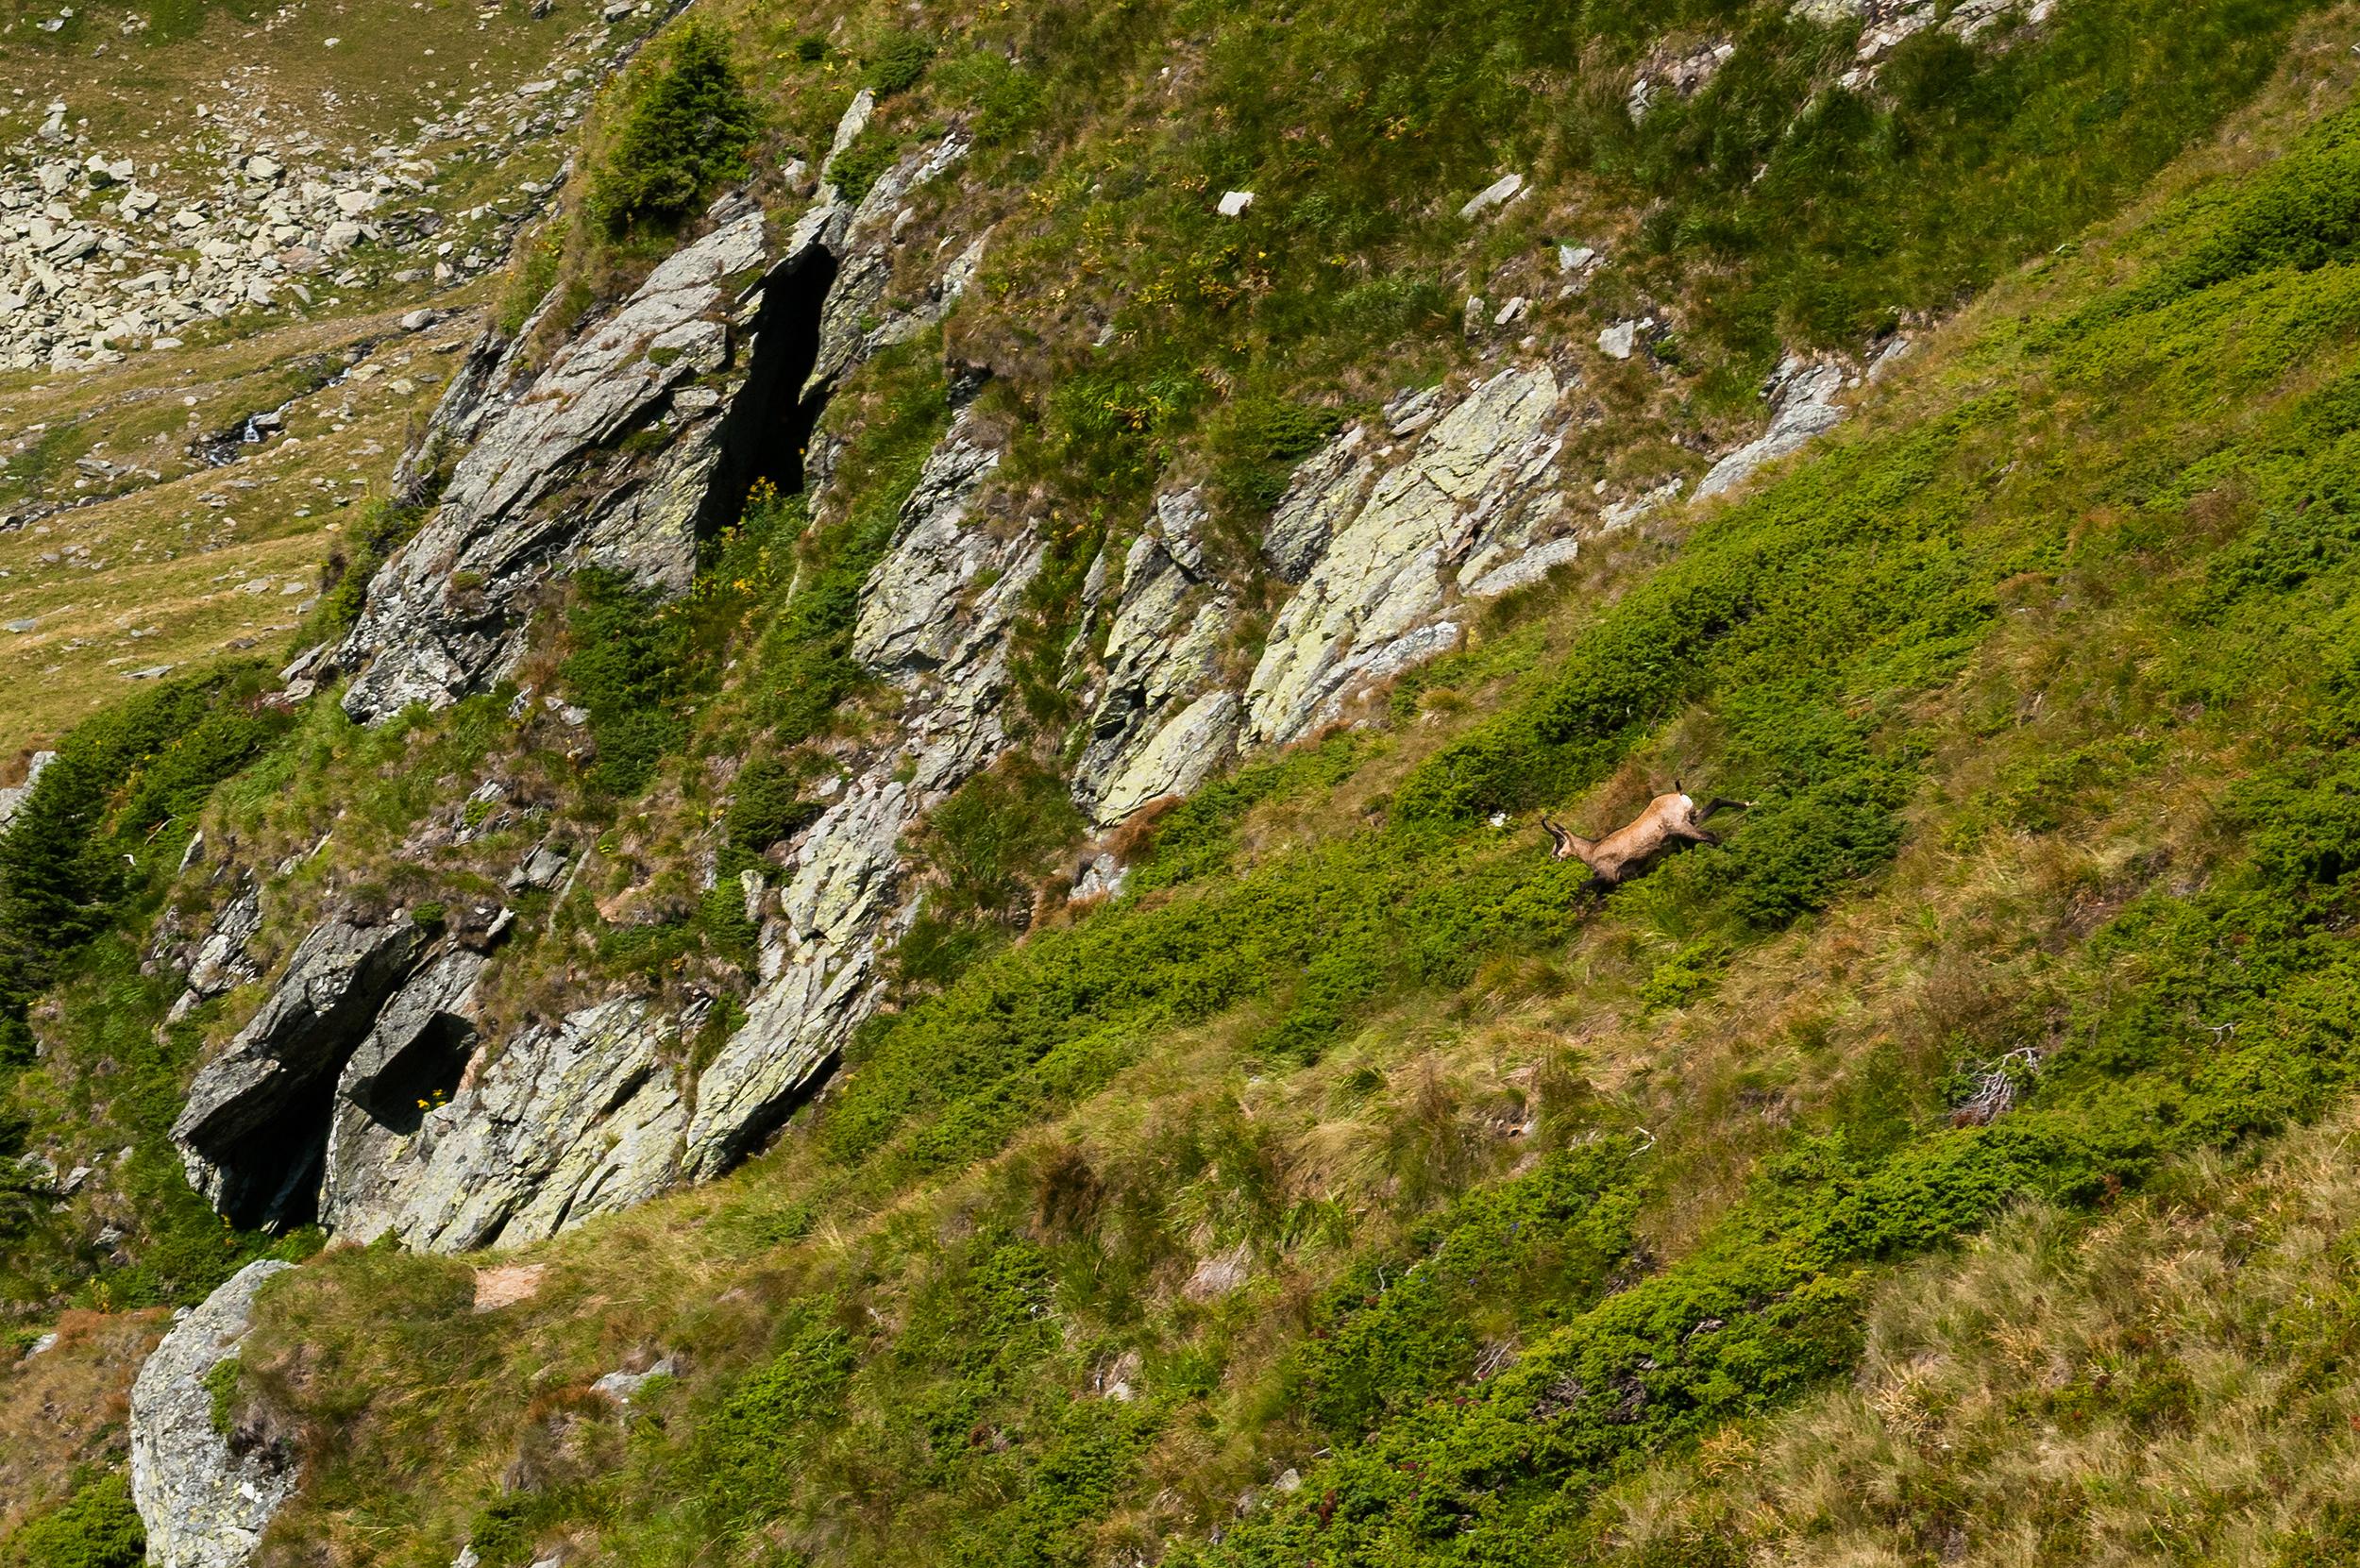 """O capră neagră """"zboara"""" pe sub stânci alergând în salturi mare spre Valea Lespezi."""